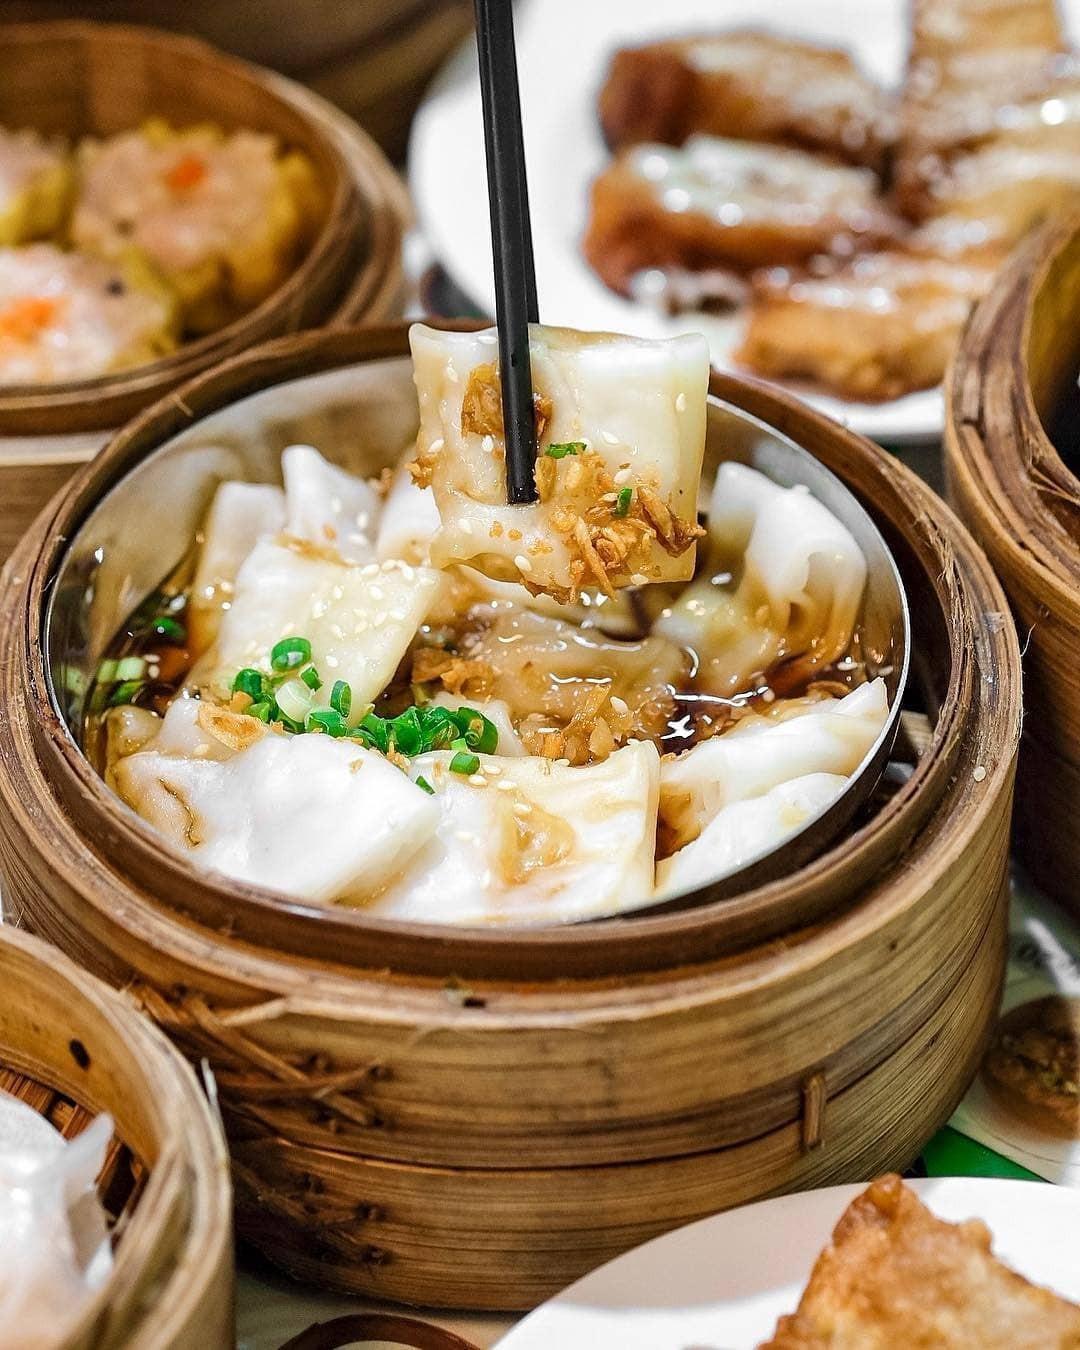 Nằm lòng 7 món ăn vặt siêu hấp dẫn cho team du lịch quét sập Hong Kong - Ảnh 19.